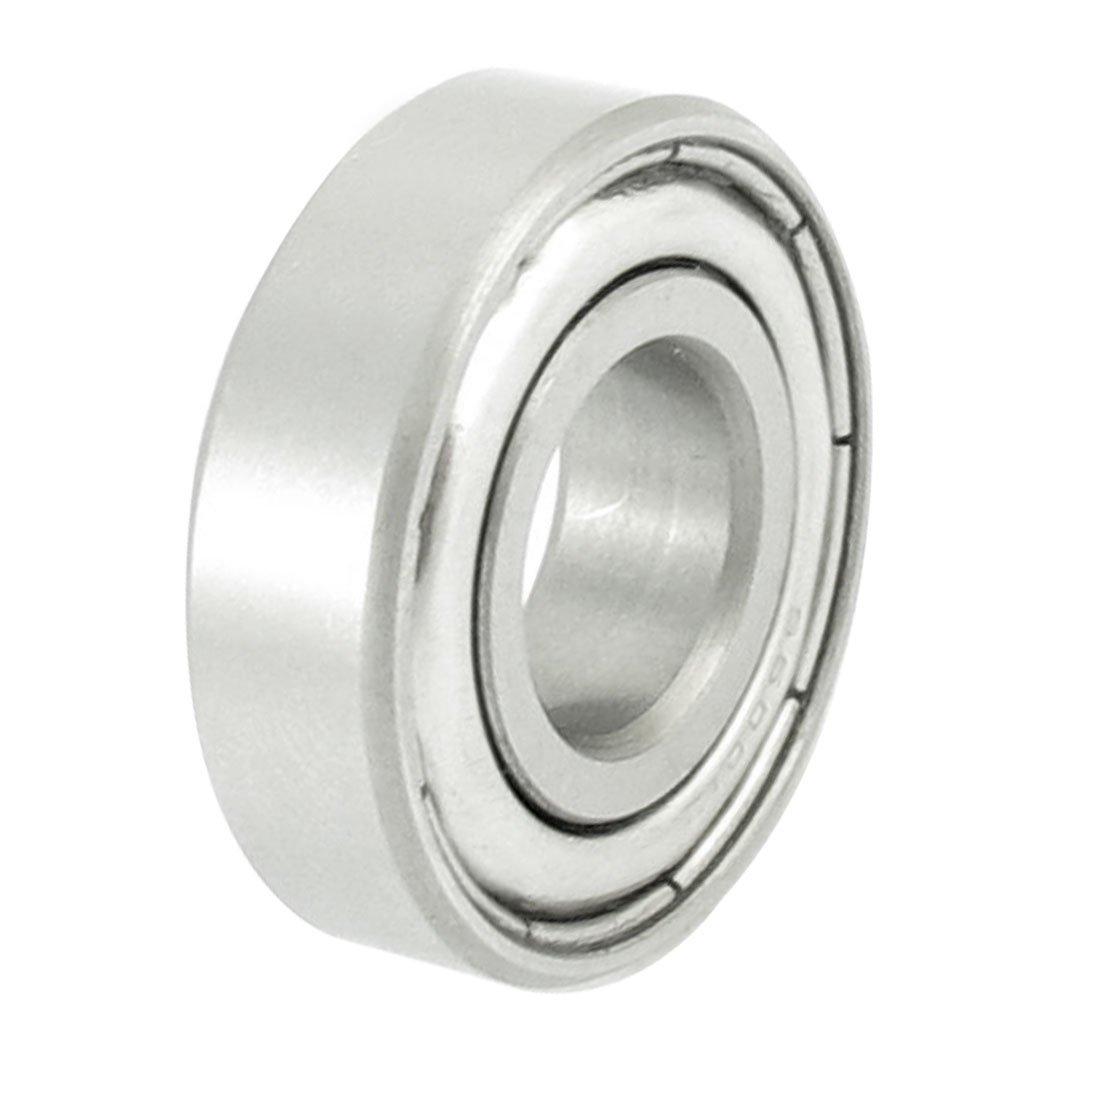 eDealMax Acero inoxidable DE 28 mm x 12 mm x 8 mm cerrados ...